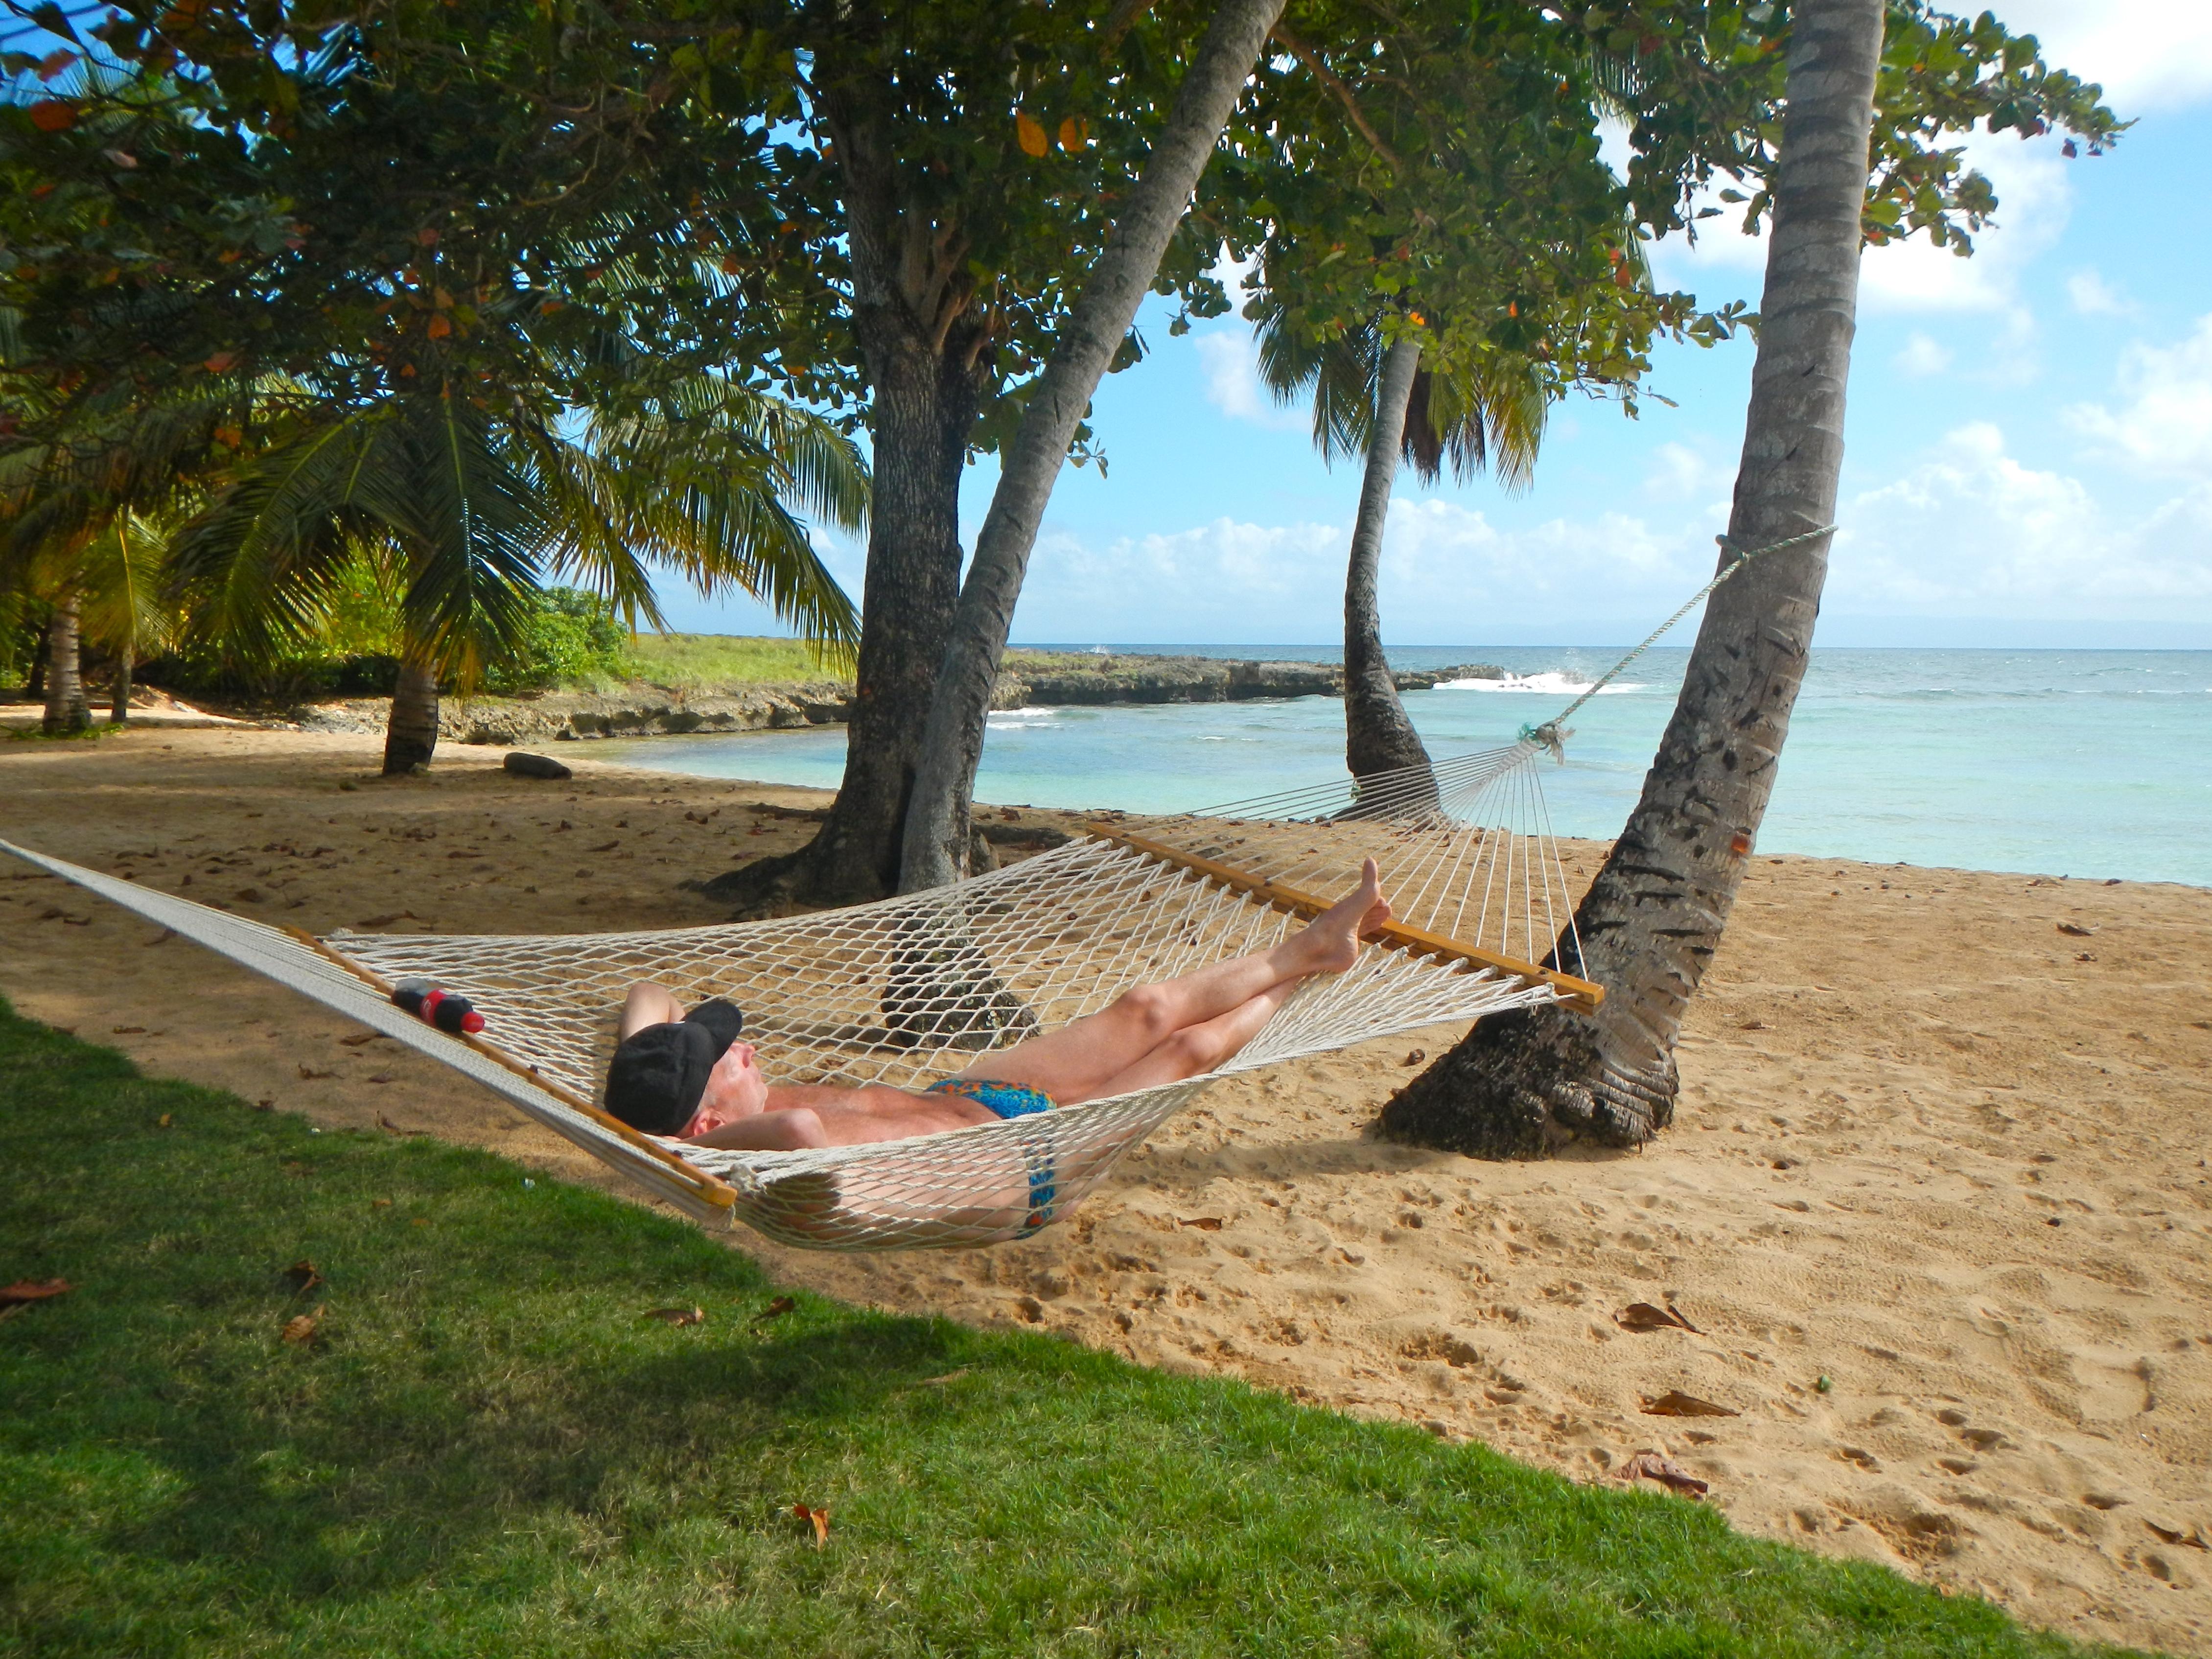 Hammock Bob at the Cove